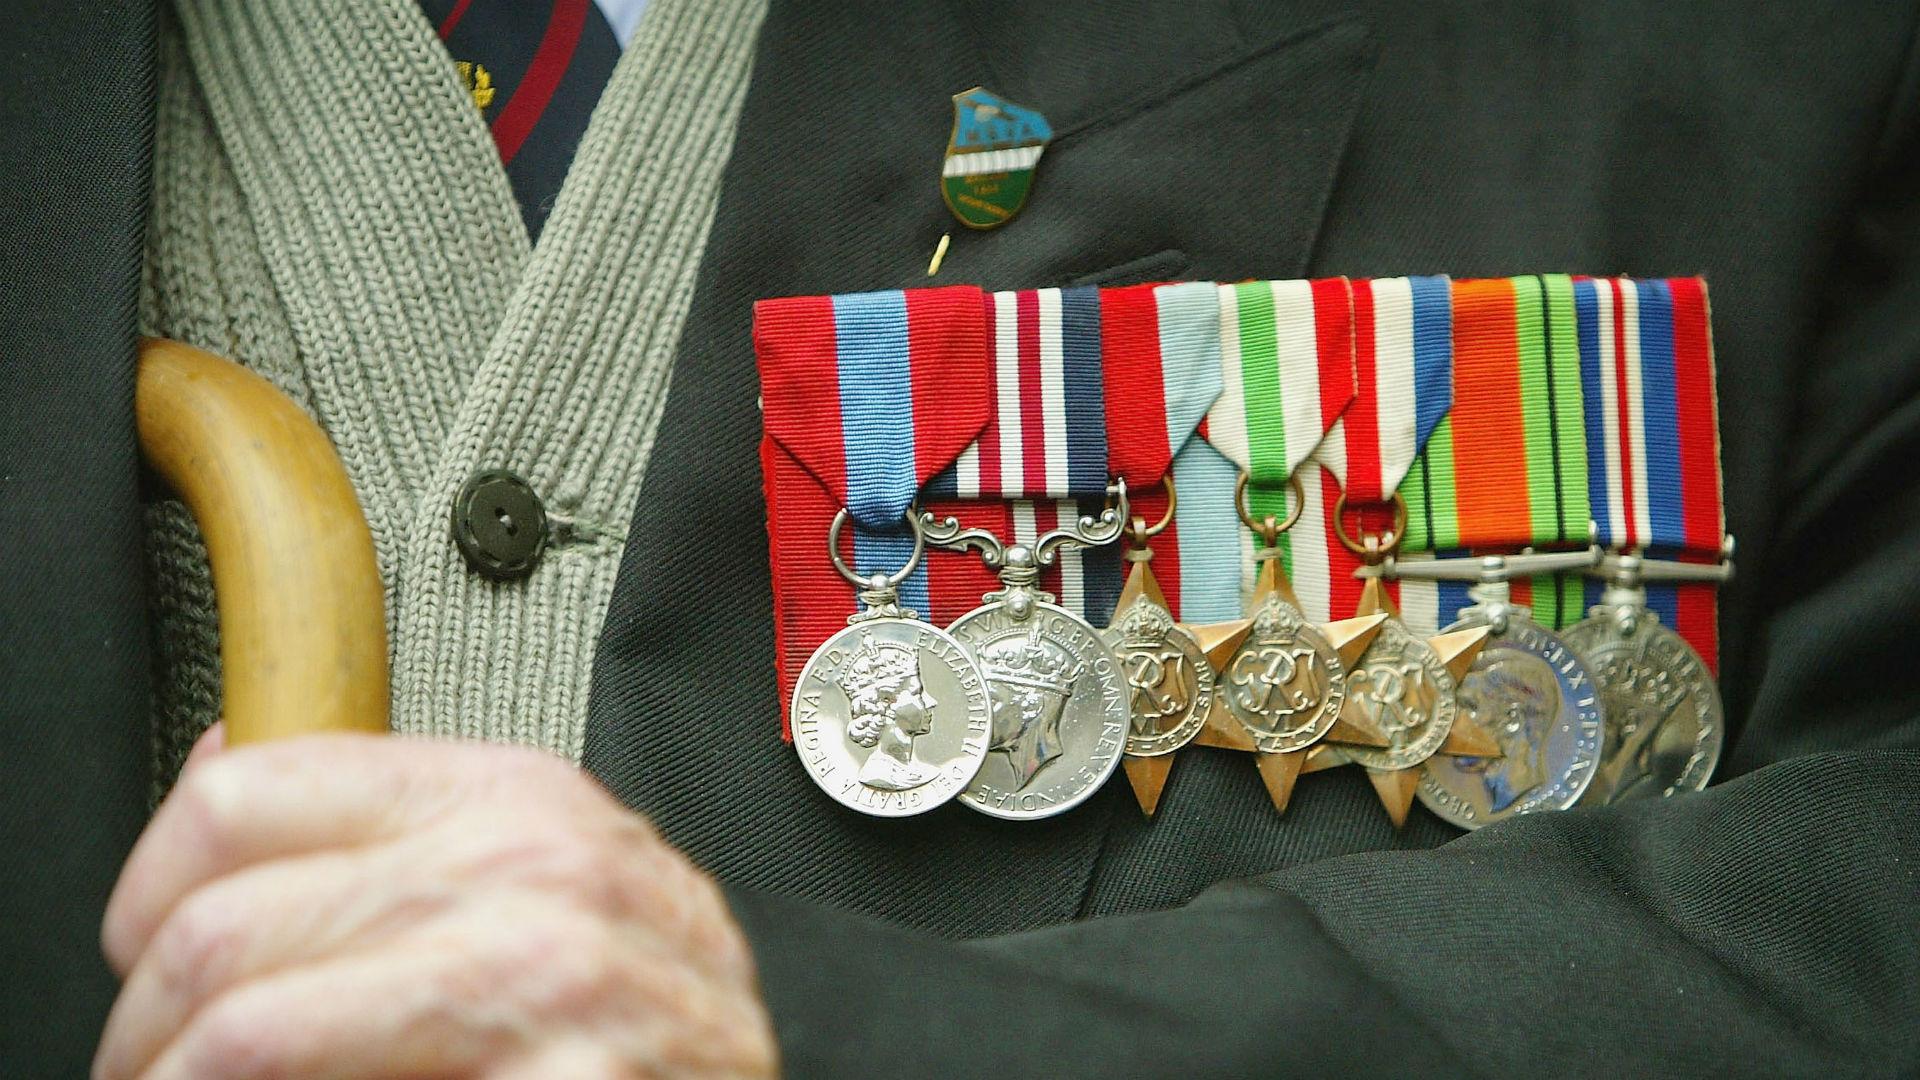 Veterans-ftr-gettyjpg_1ssmfdscj0wn21noei4di1nl1j